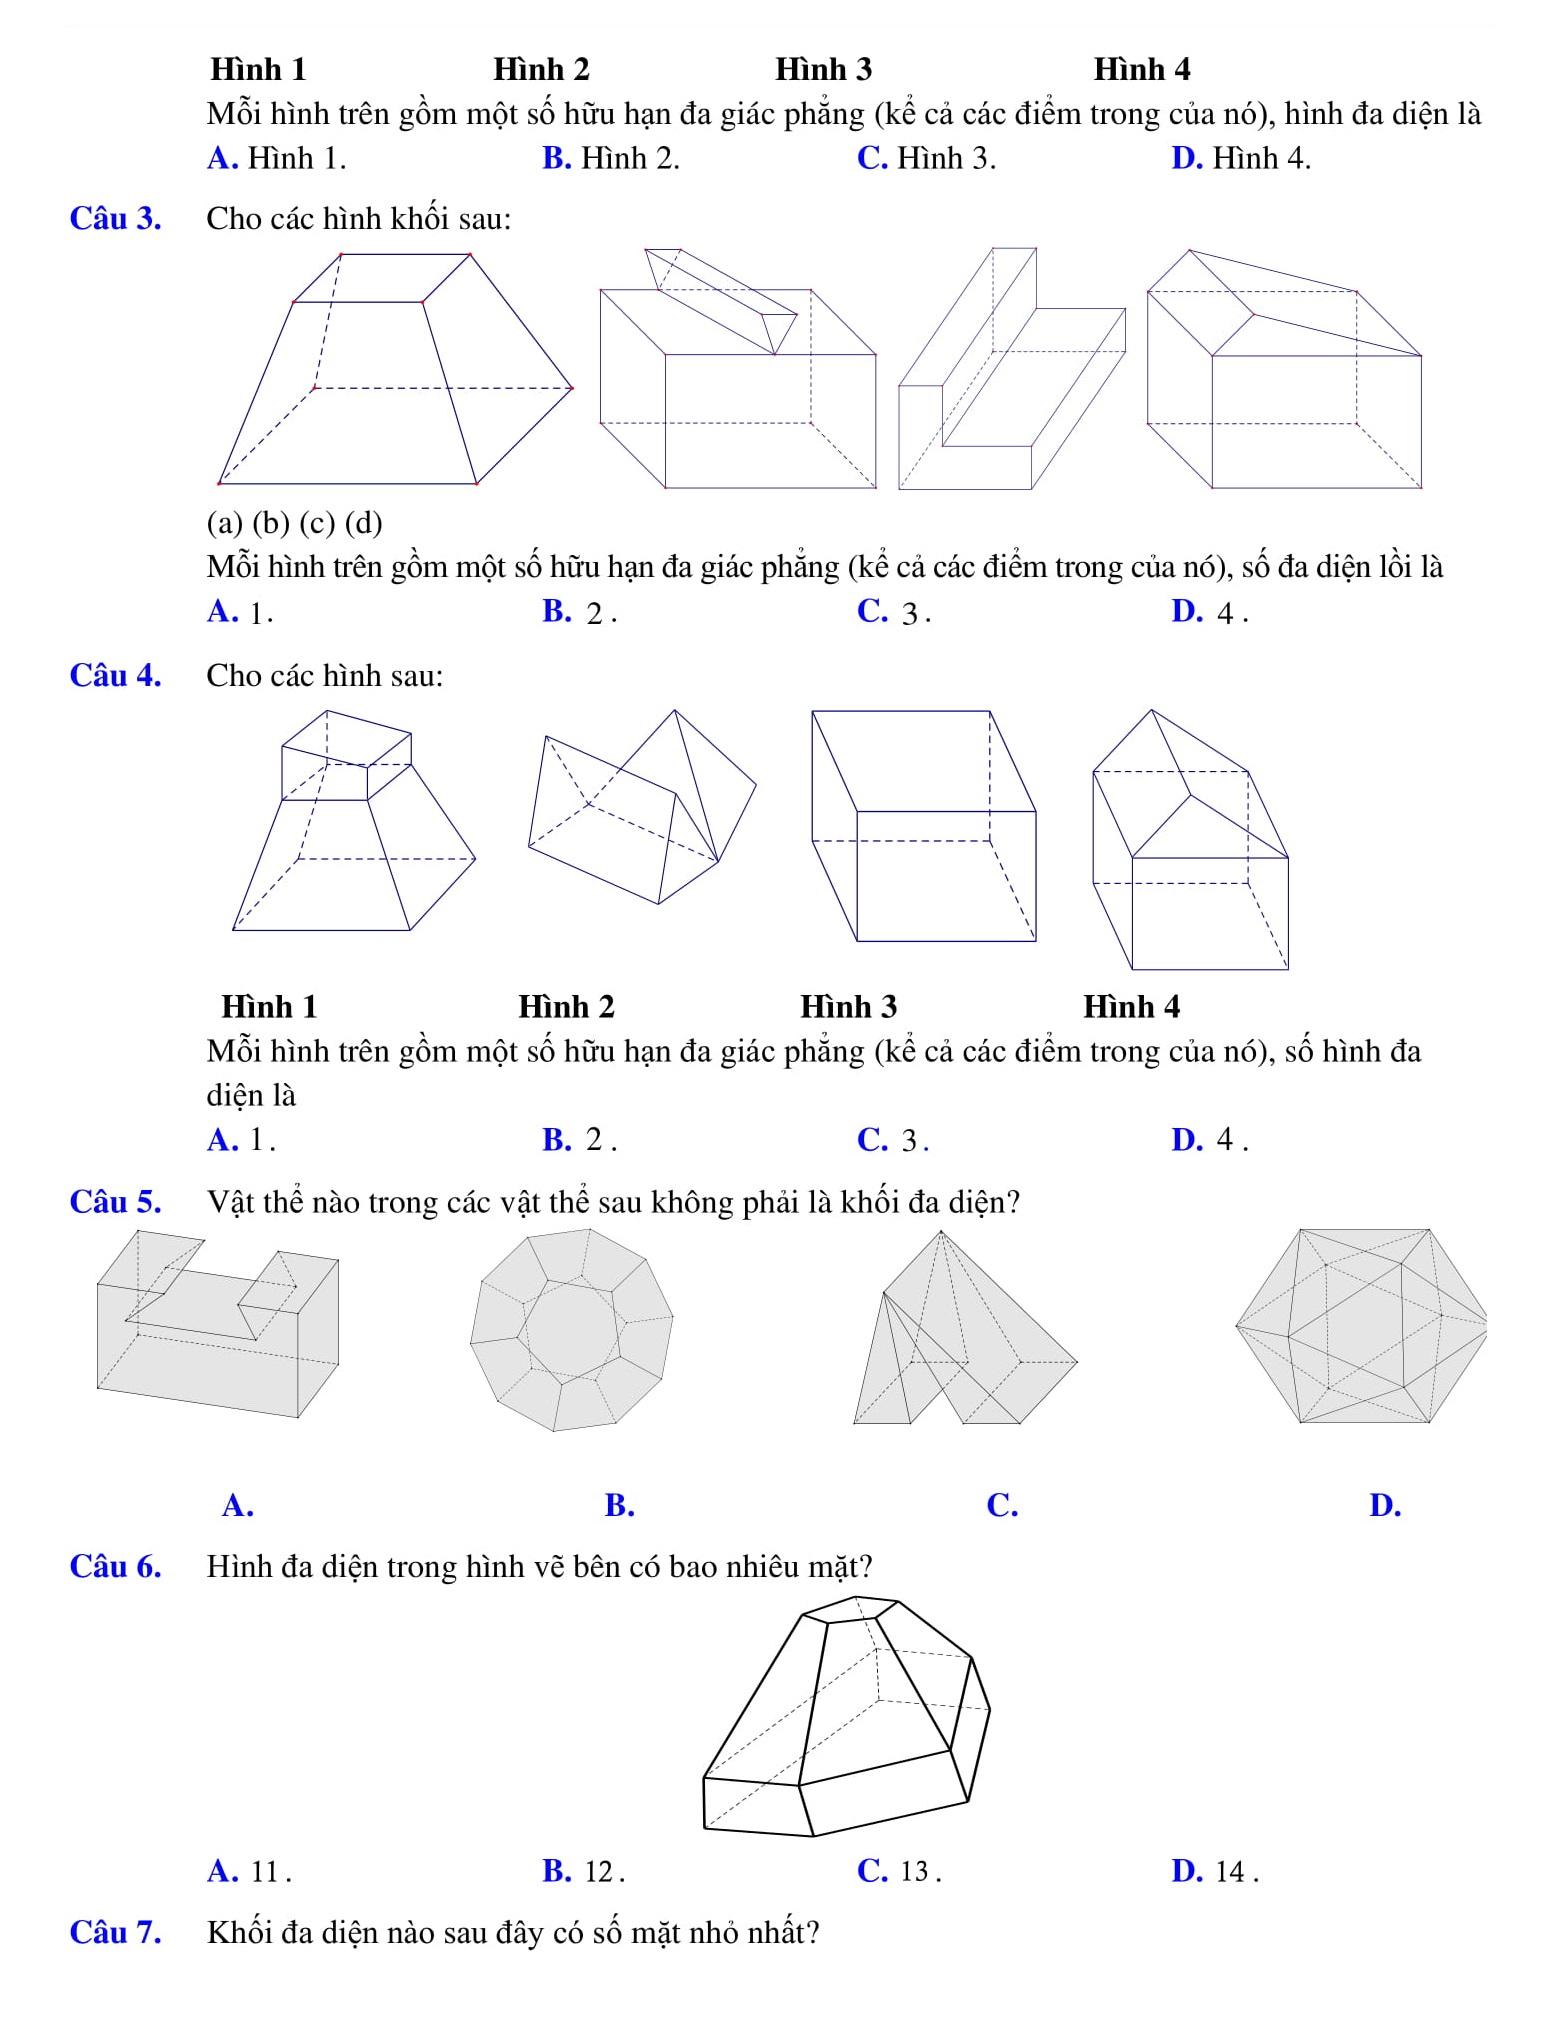 Chuyên đề 1 Khối đa diện bài tập được tổng hợp